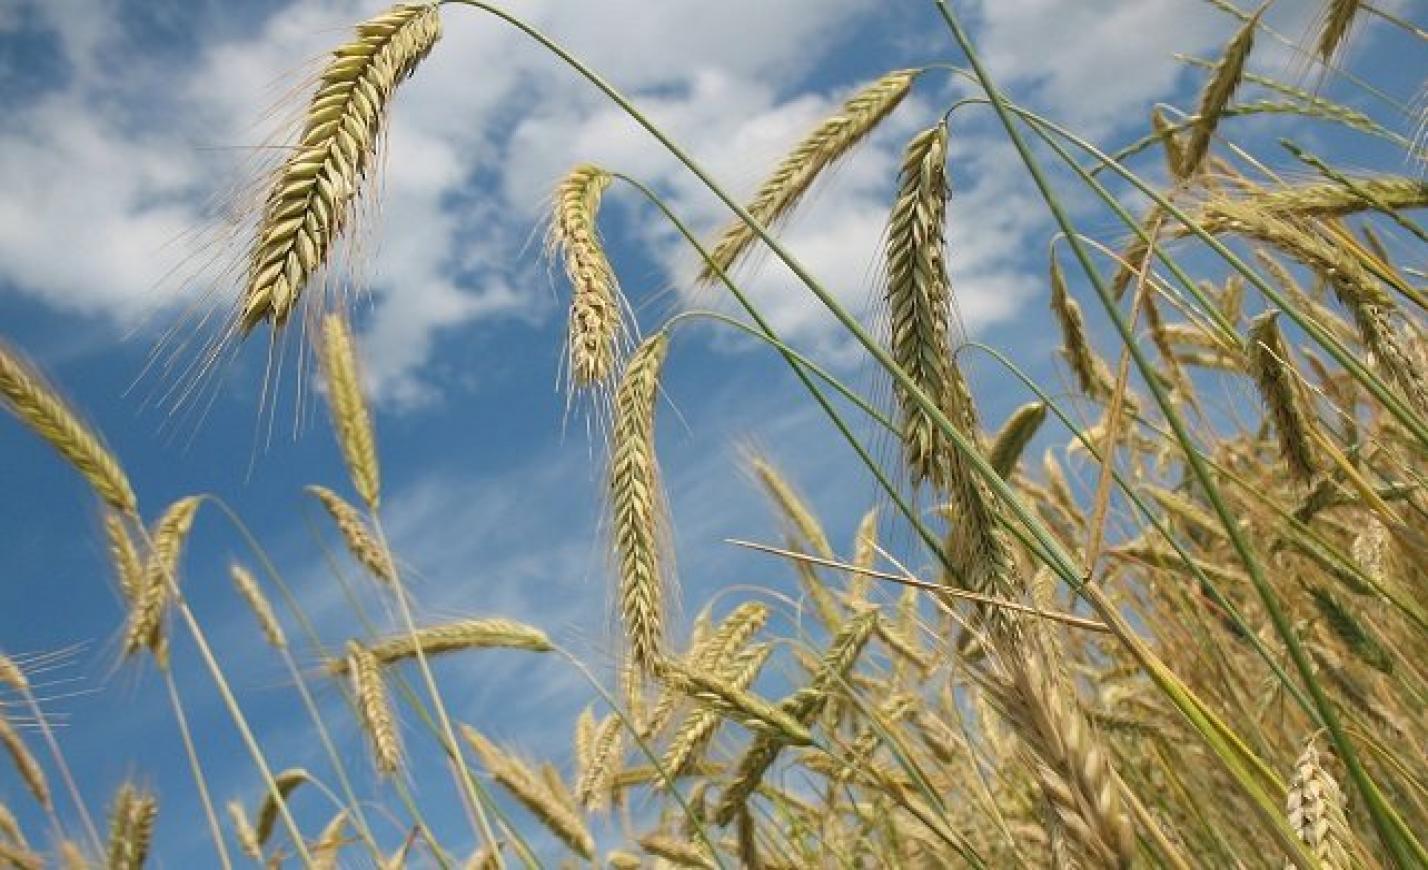 A közös agrárpolitika jövőjéről tanácskoztak a visegrádi országok agrárkamarái Veszprémben